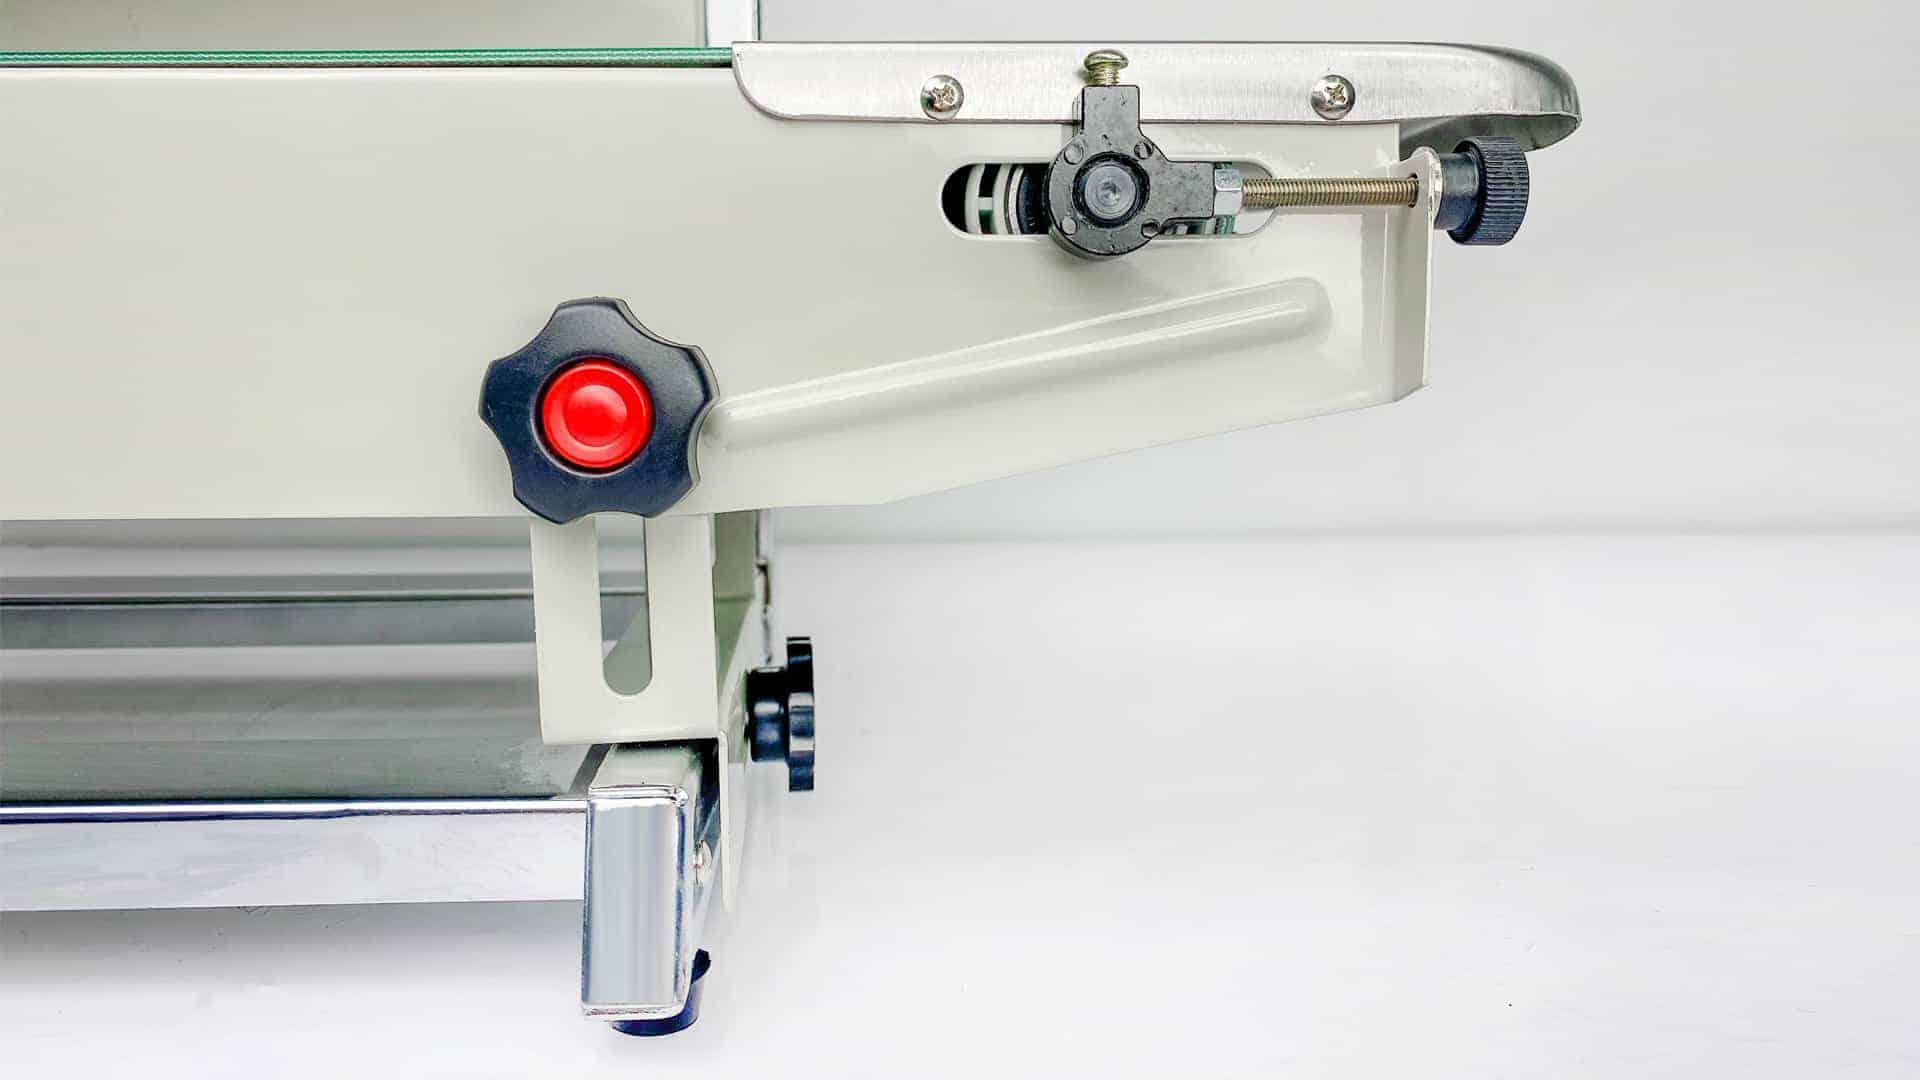 Tính năng máy hàn miệng túi tự động băng chuyền AS02